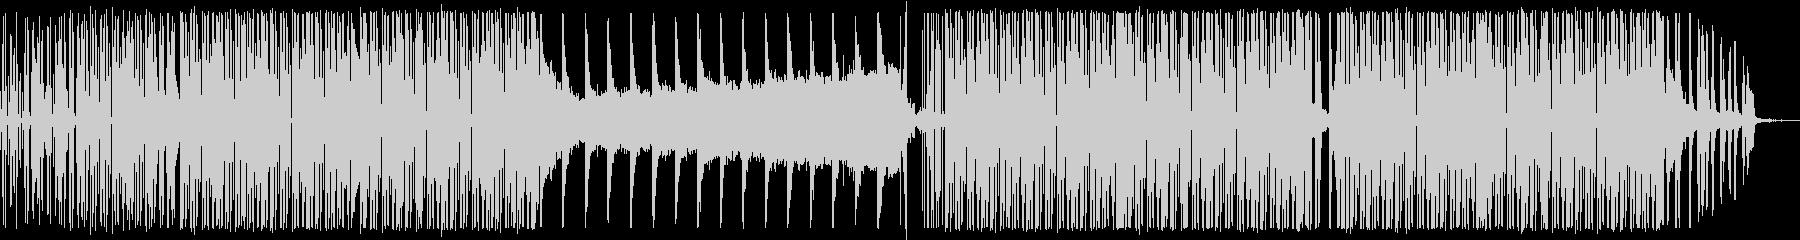 ニュース番組/事故/無機質なハウス音楽の未再生の波形